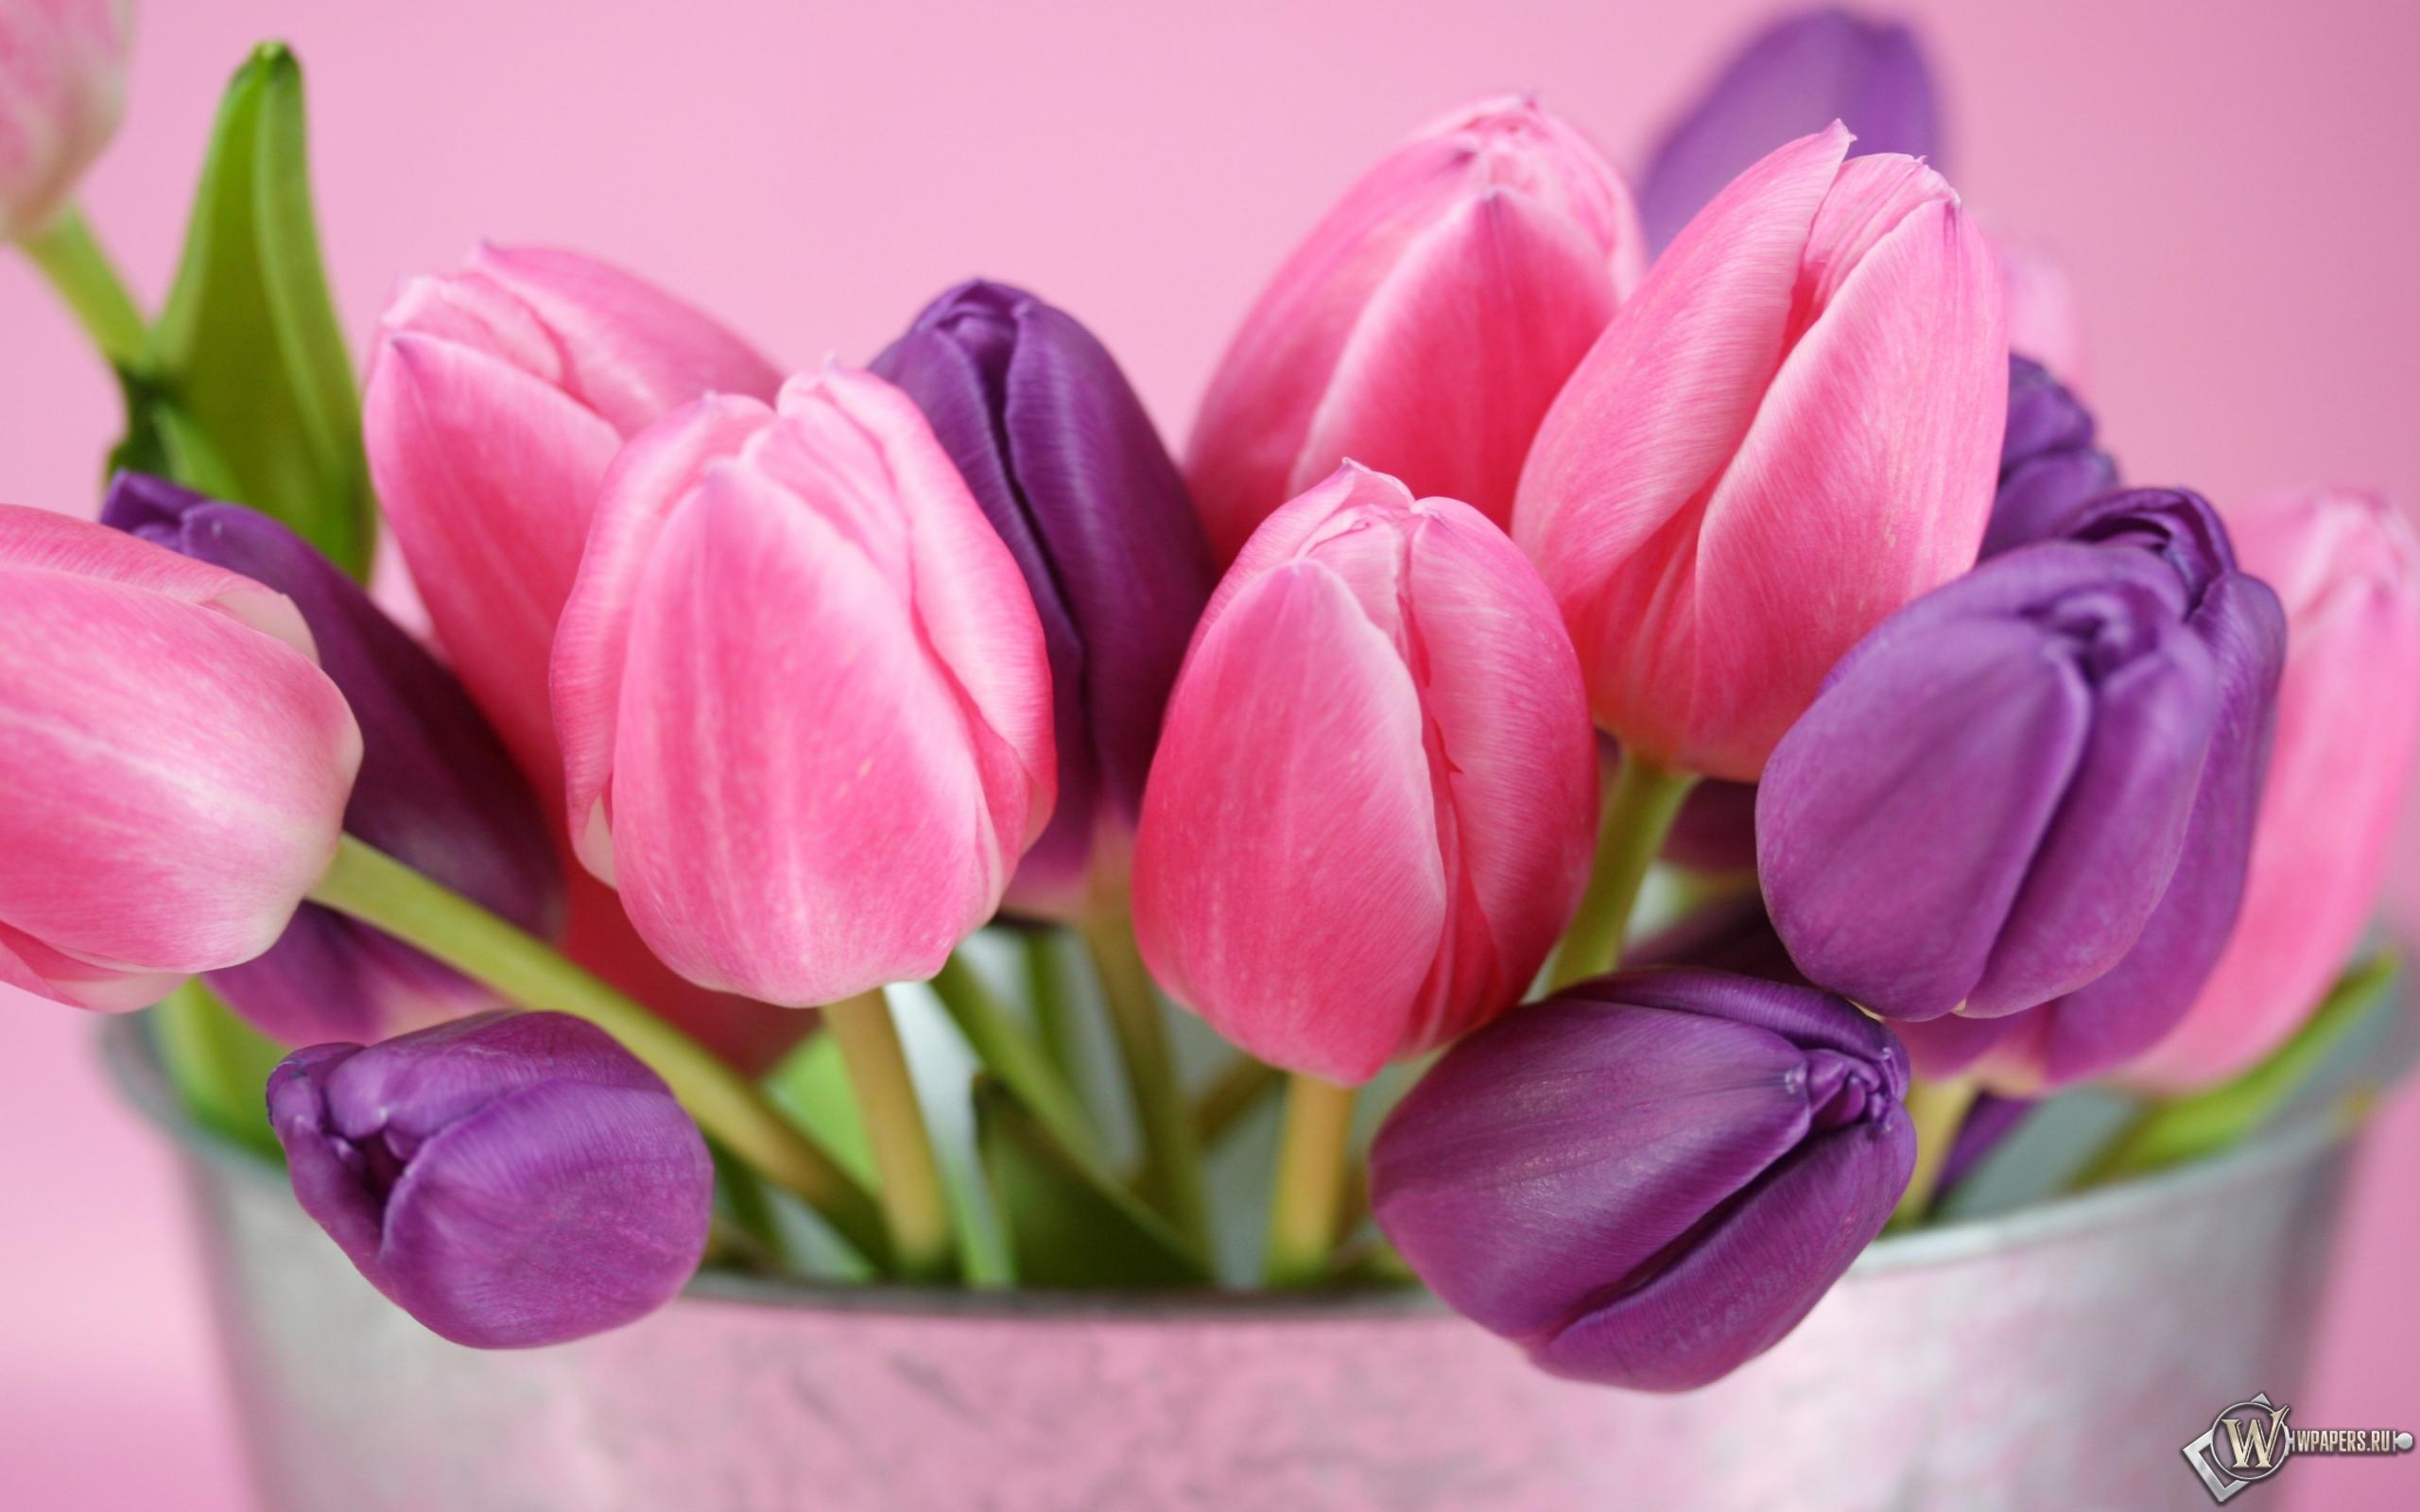 рабочего стола 2560х1600 (16:10) бесплатно ...: wpapers.ru/wallpapers/Plants/Flowers/9057/2560-1600...